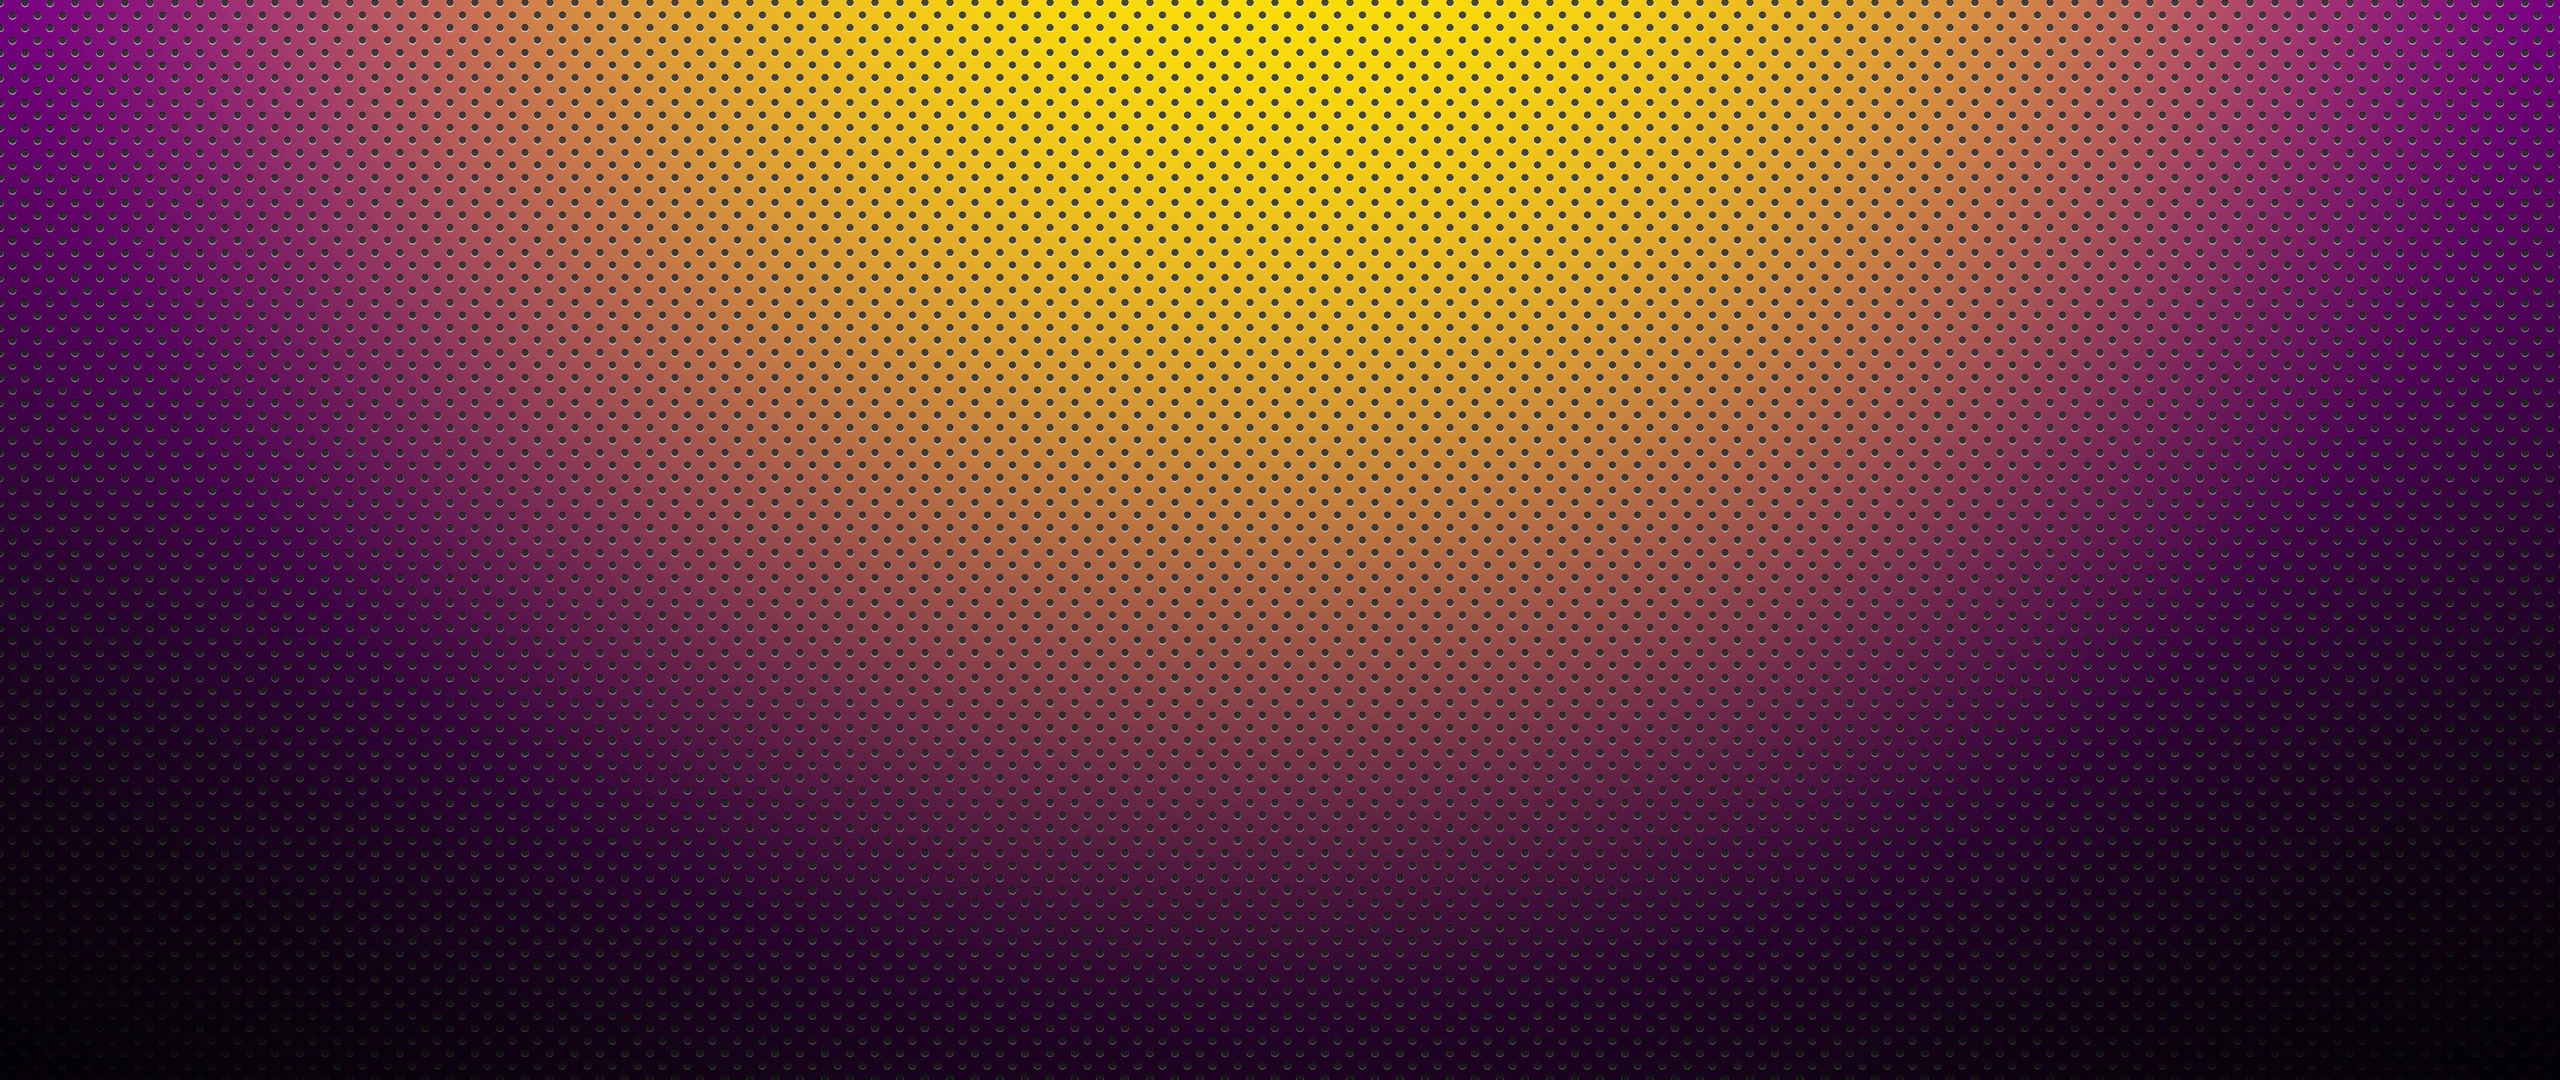 dots-gradient-4k-ix.jpg